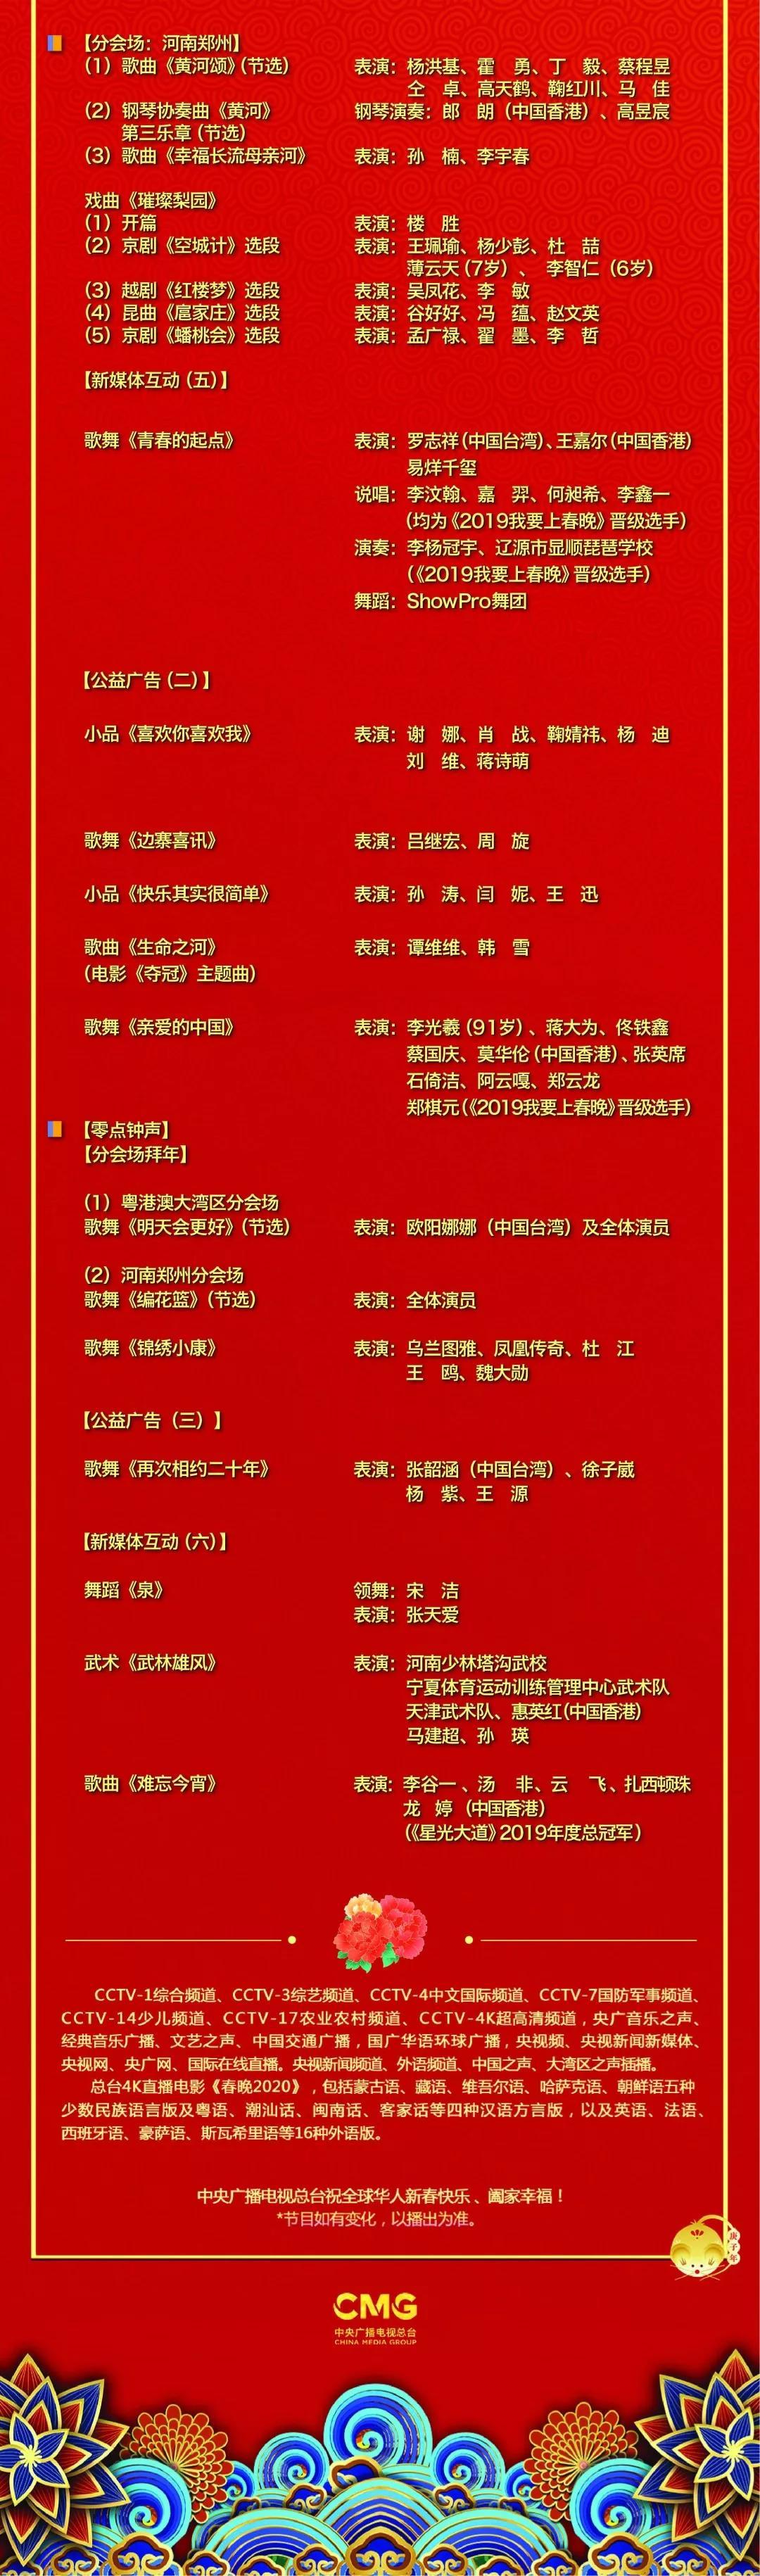 央视春晚节目单发布 宋丹丹不演小品演开场歌舞